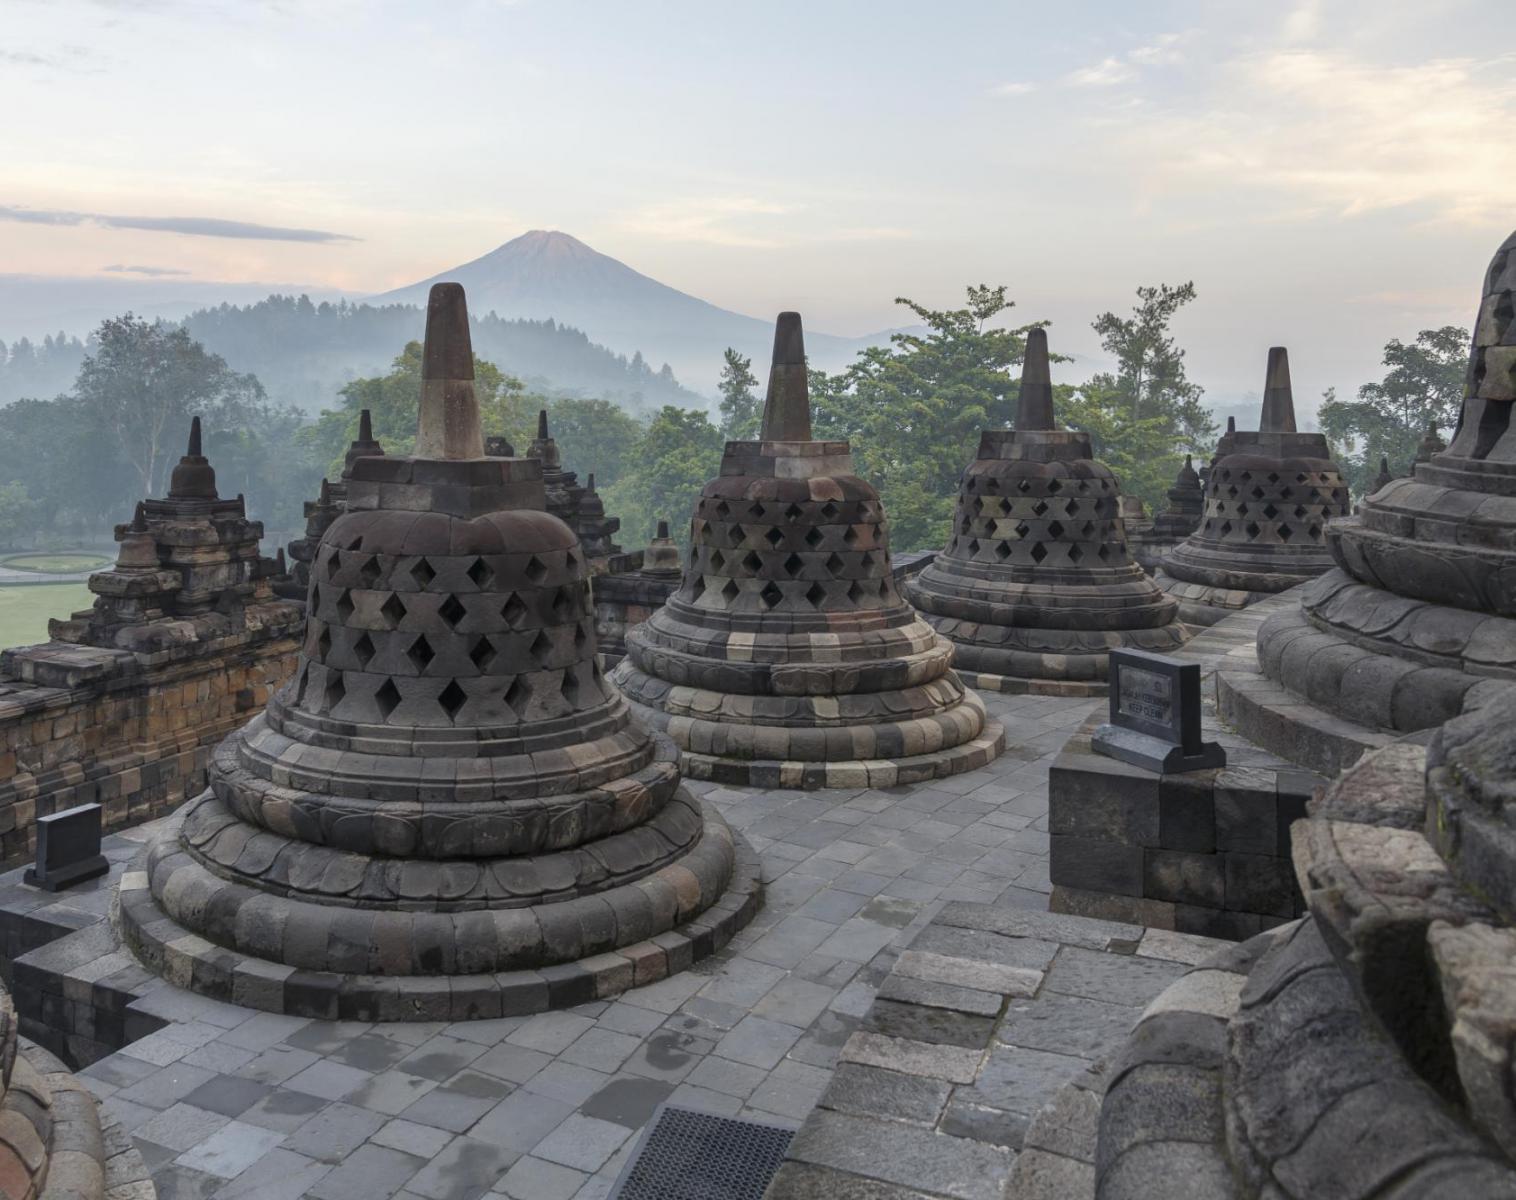 Indonésie  Sumatra, Java, Bali : Une Traversée grandeur nature   Découverte Rencontres et cultures du Monde